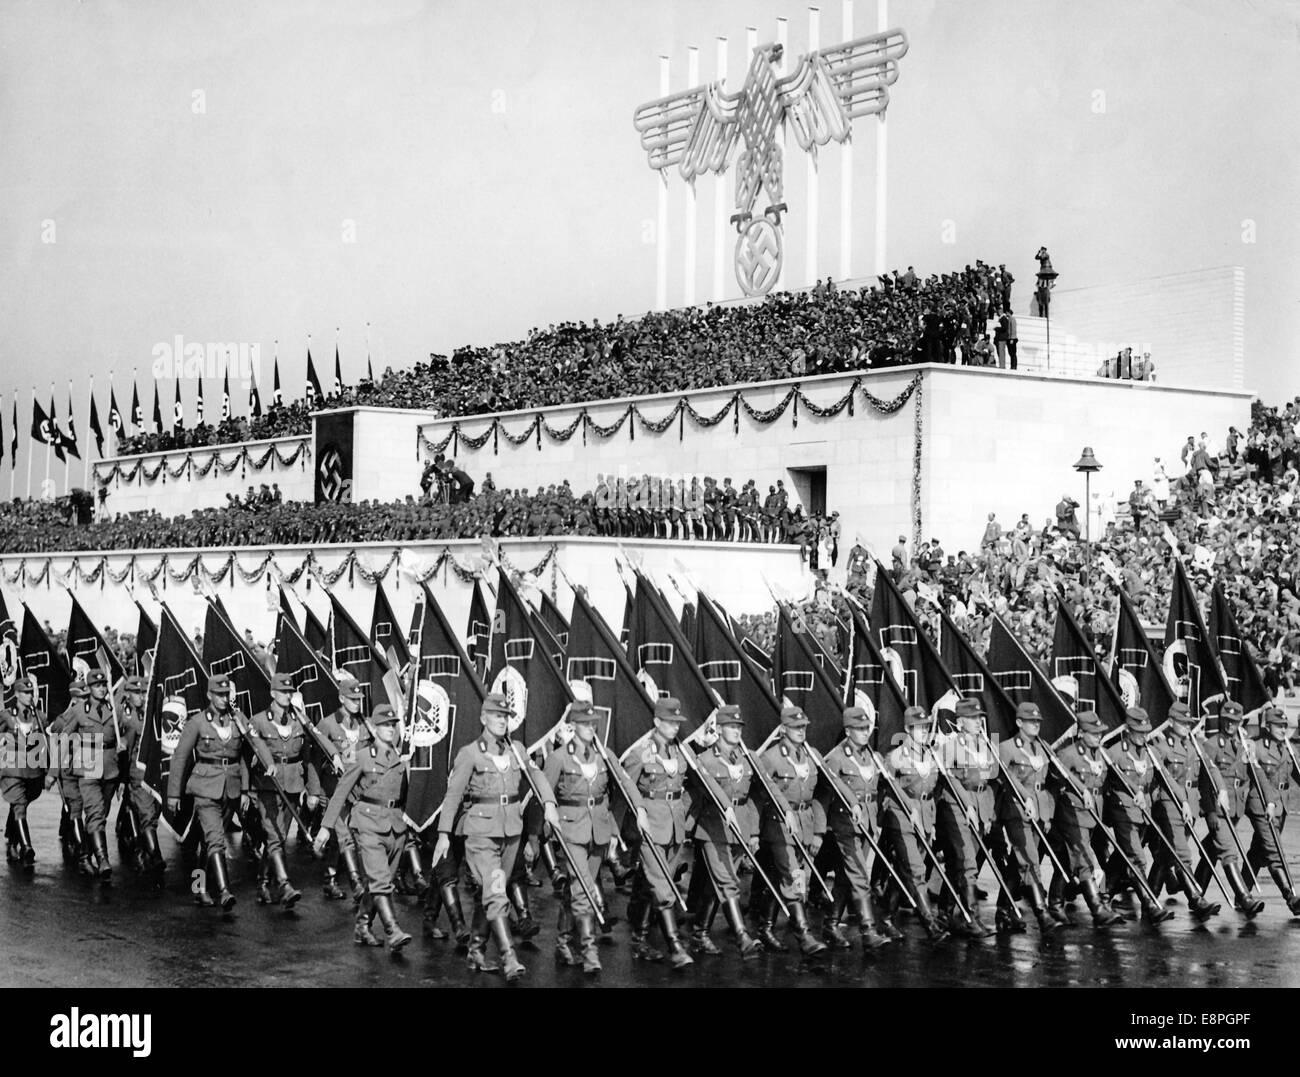 Nuremberg Rally 1935